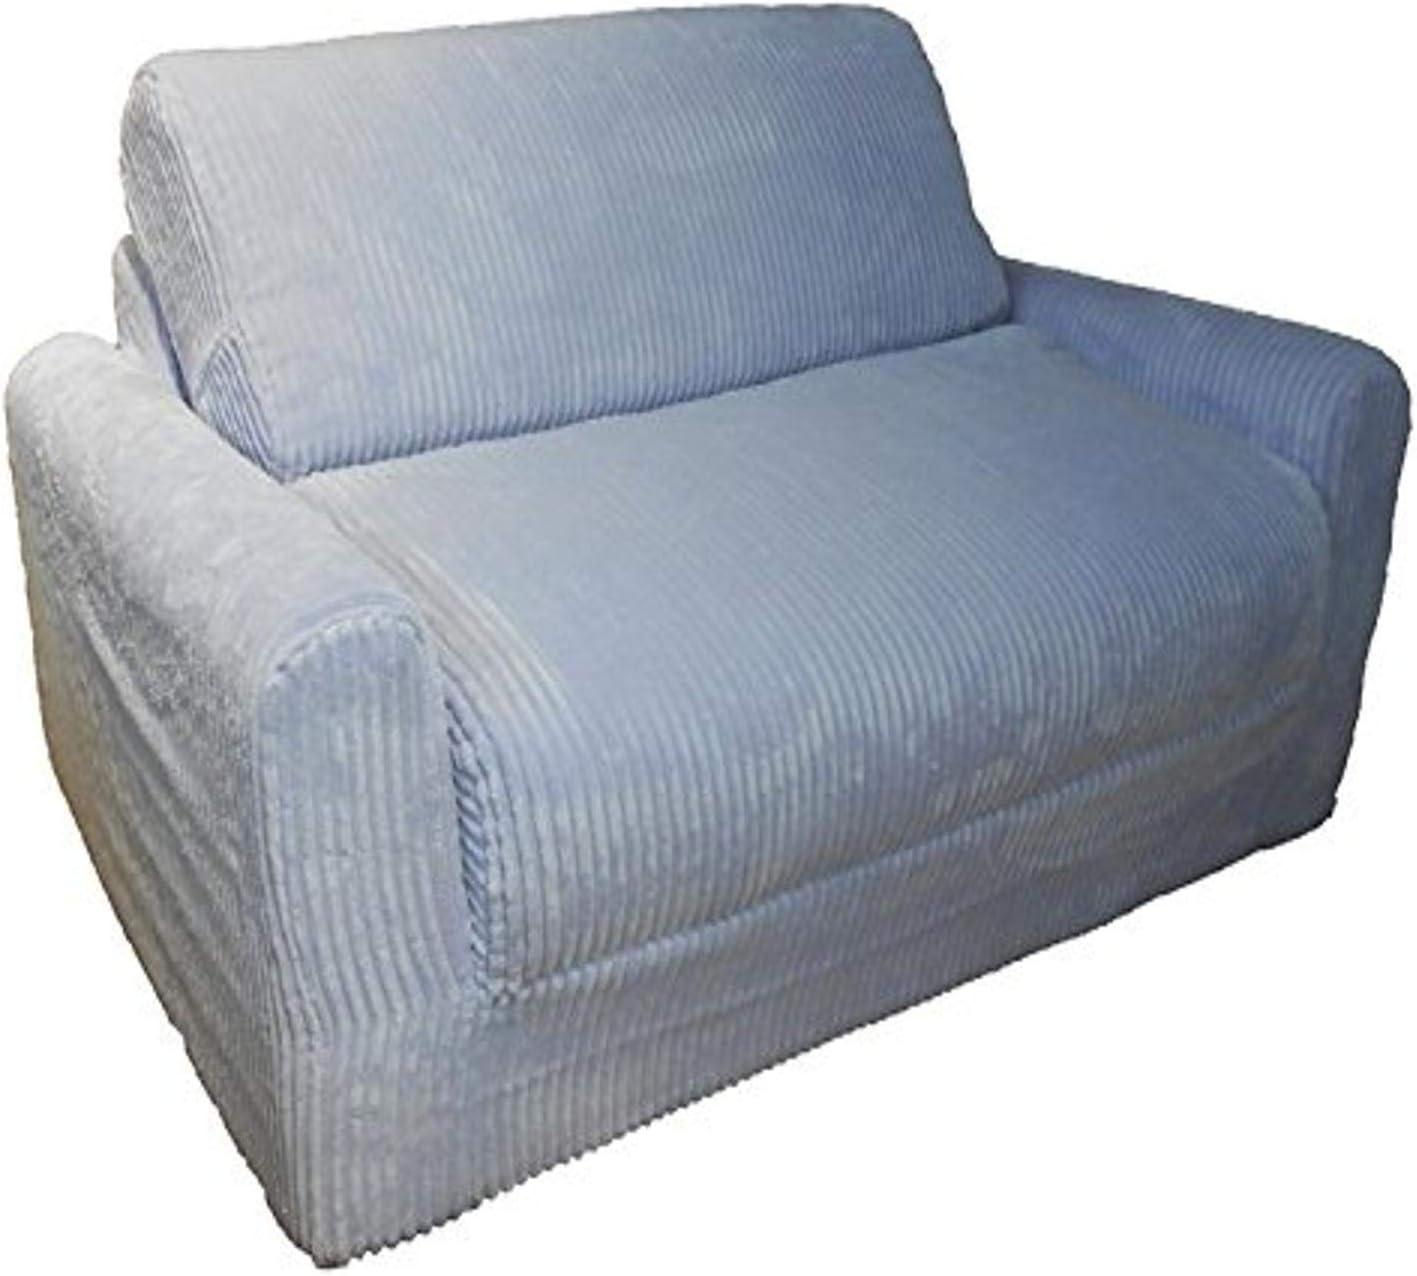 Fun Furnishings Kid's Sleeper Sofa in Chenille Fabric, Lilac